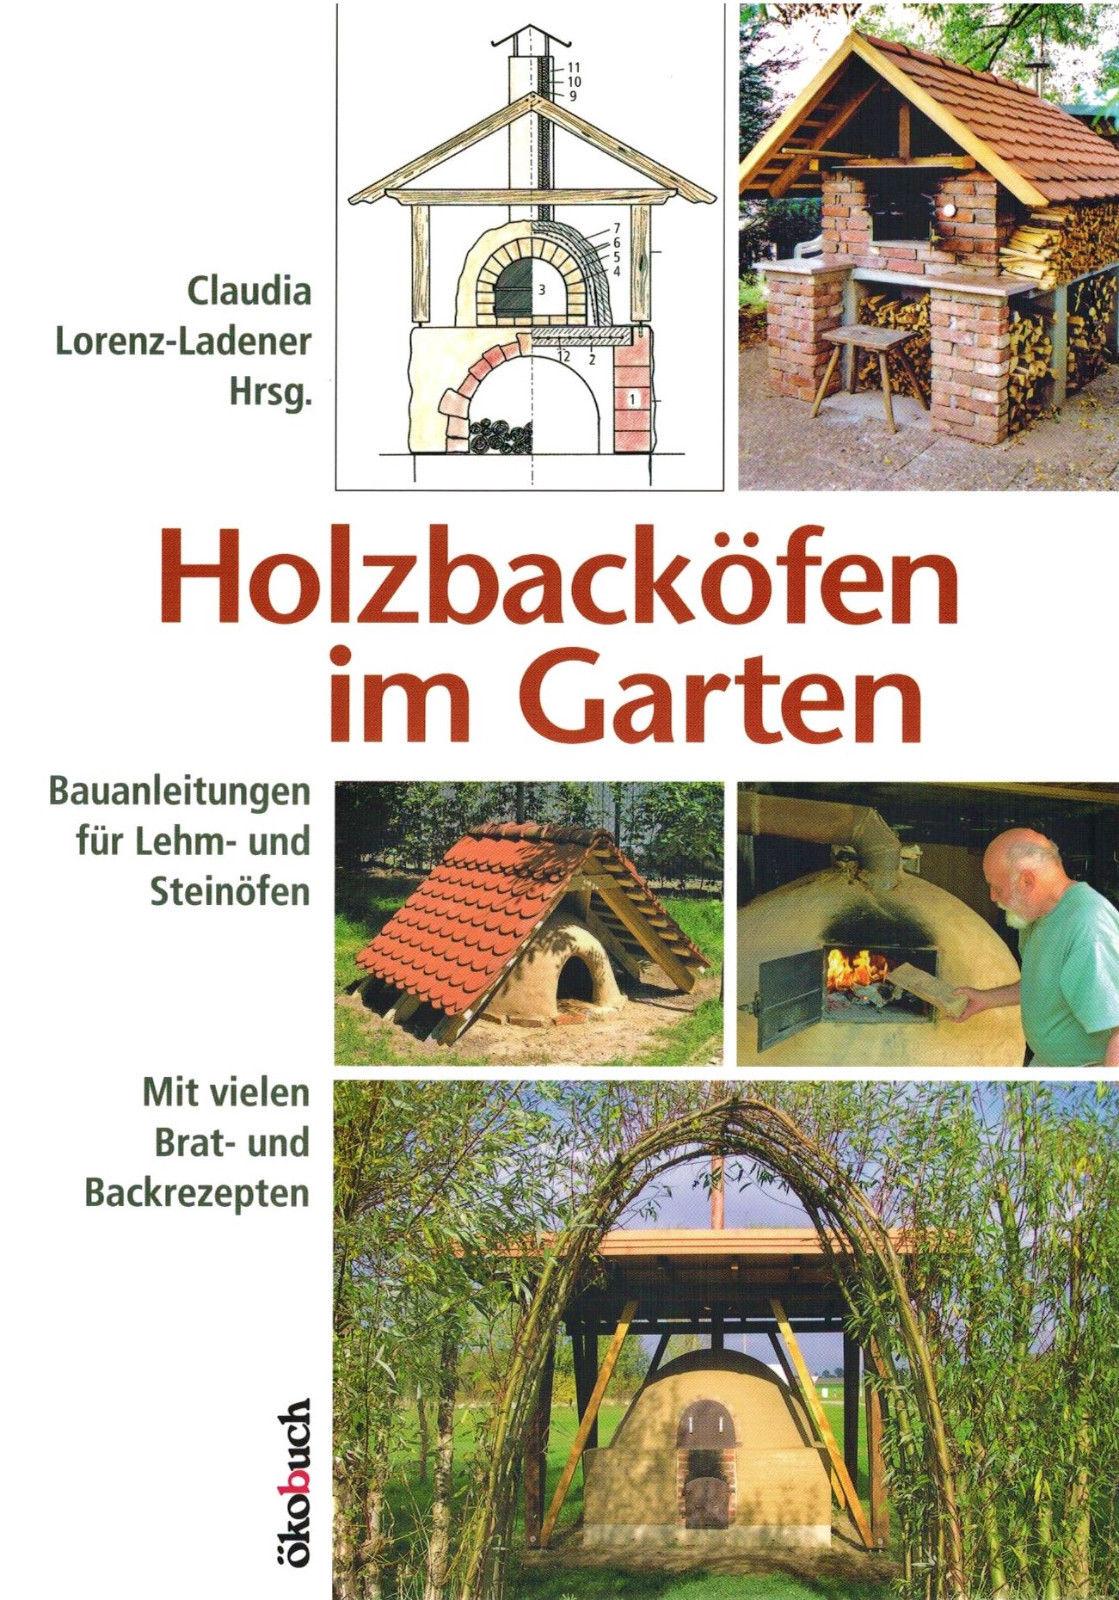 Holzbacköfen im Garten - Bauanleitungen für Lehm- und Steinöfen. Selber bauen!